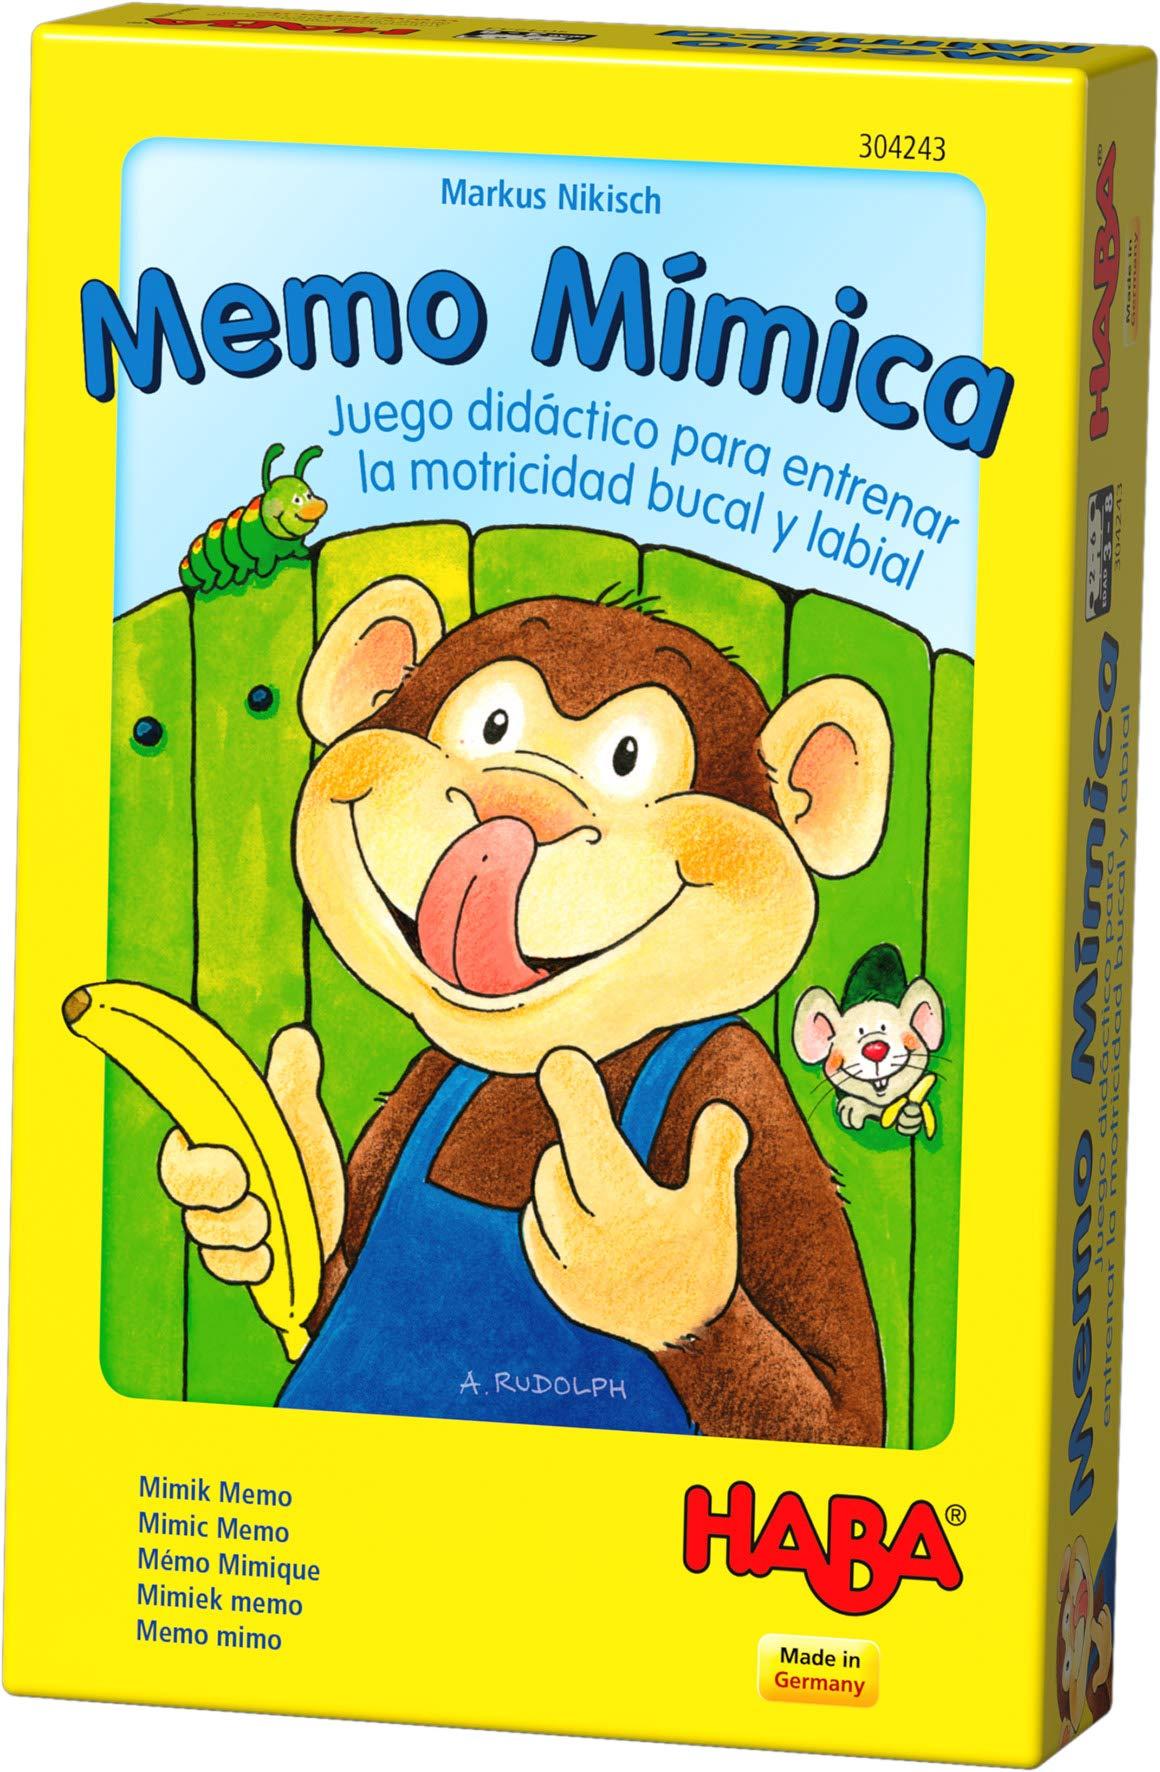 HABA- Juego de Mesa, Memo Mímica, Multicolor (Habermass H304243): Amazon.es: Juguetes y juegos